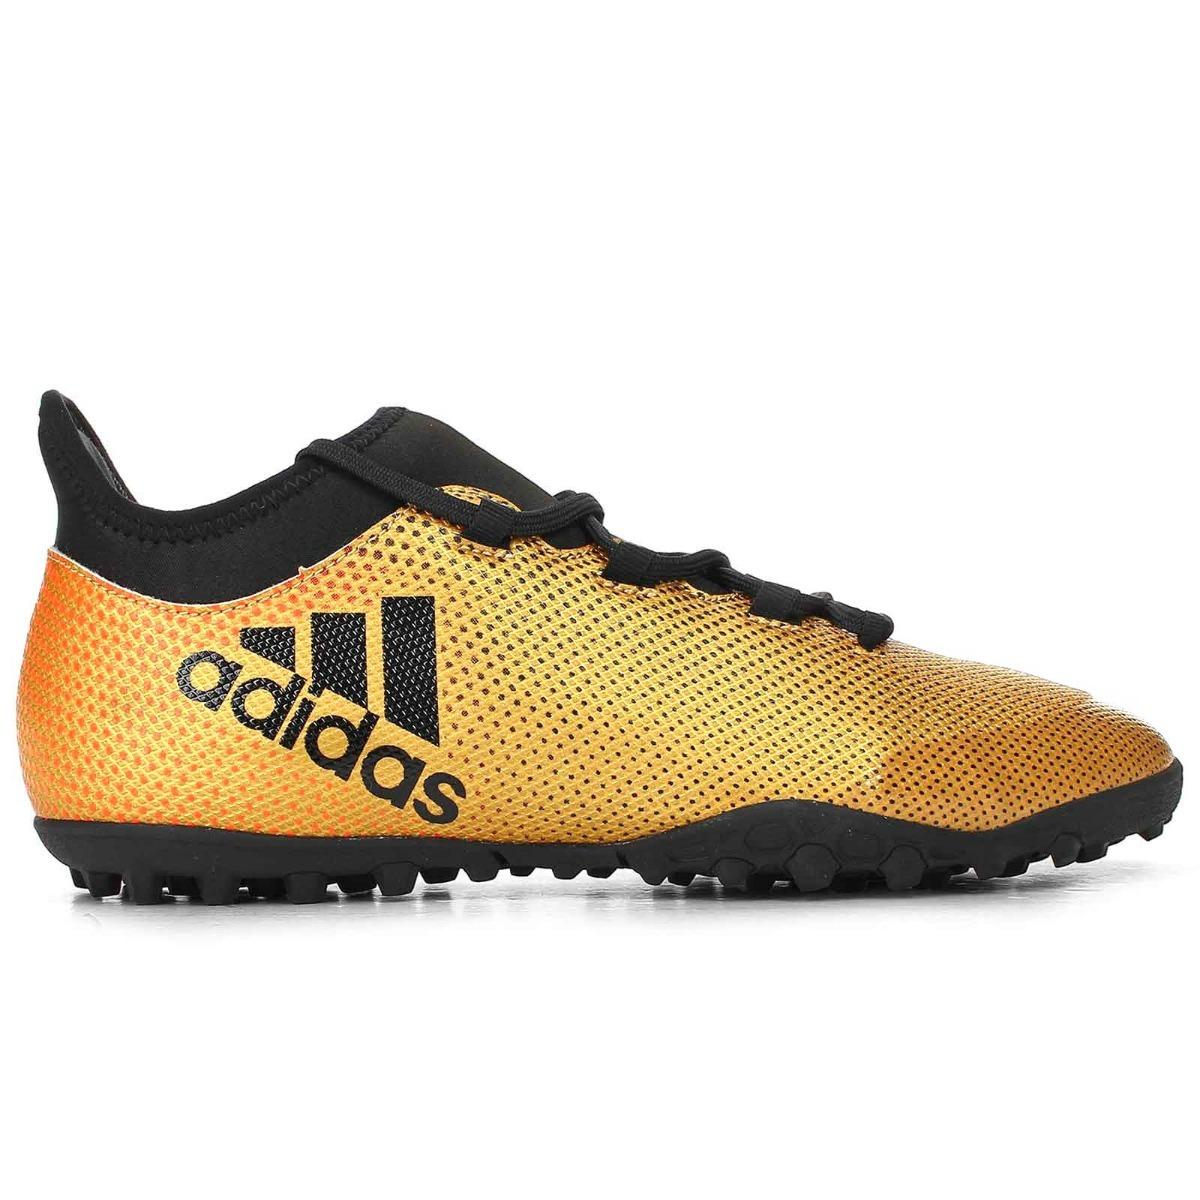 683d18b85ff25 zapatillas hombre adidas x tango 17.3 tf tobillera grass. Cargando zoom.